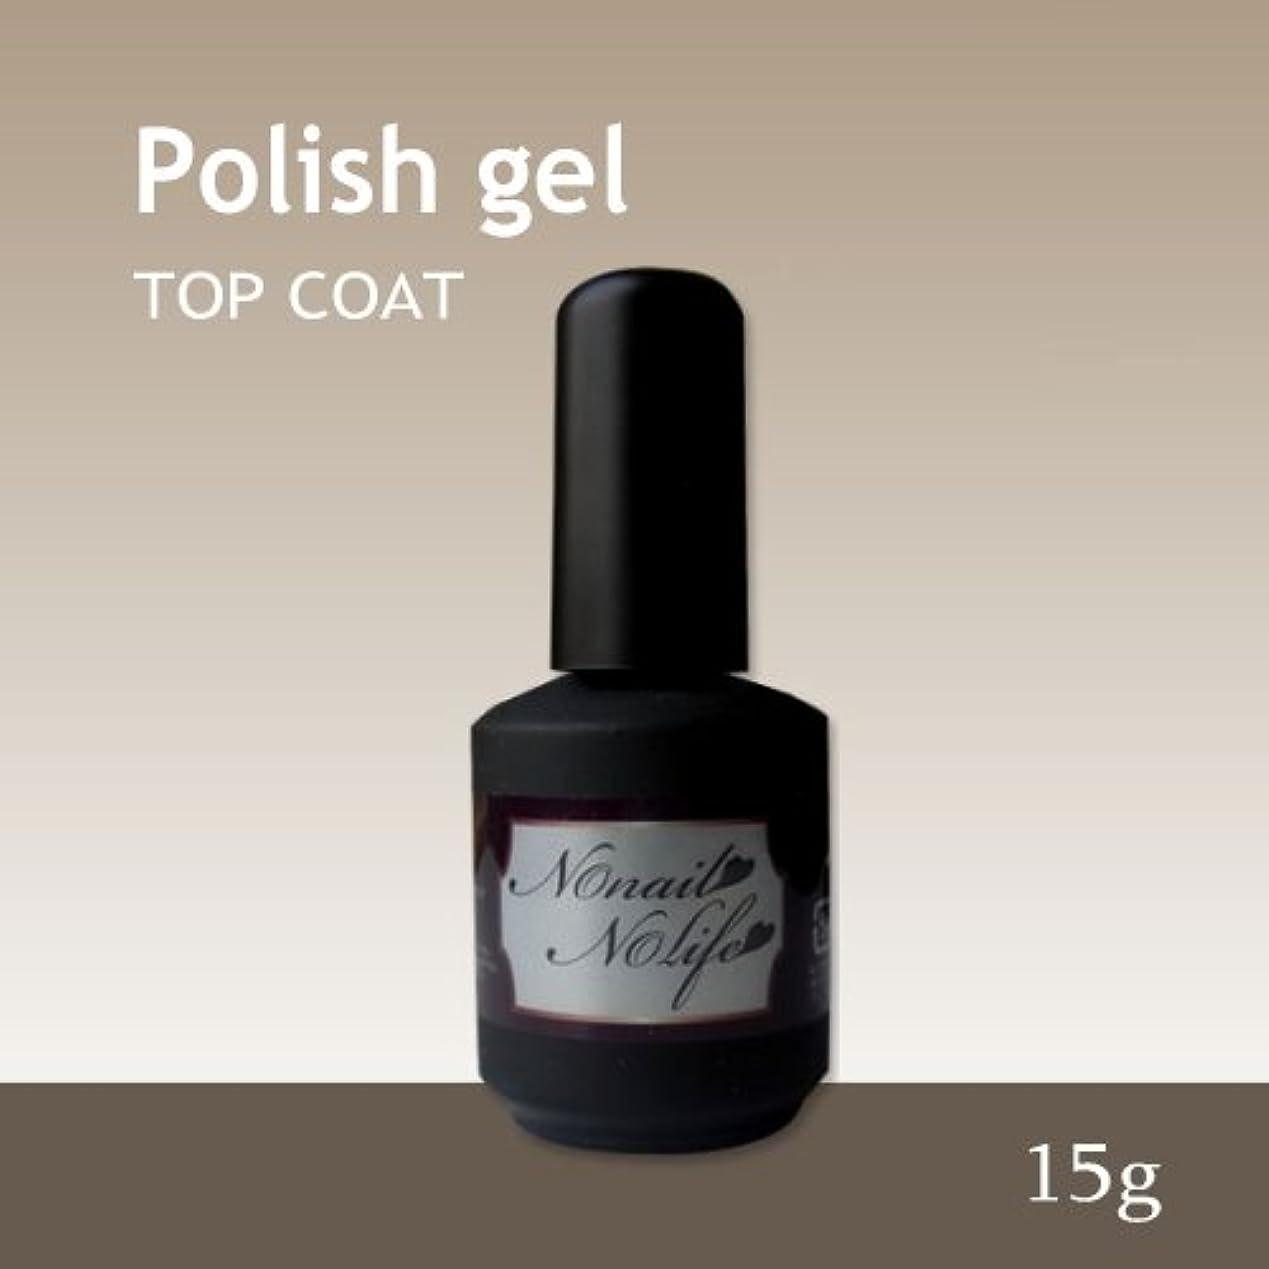 くしゃくしゃ二余韻ジェルネイル《爪に優しいトップコートジェル》Natural Polish ポリッシュトップジェル(15g)